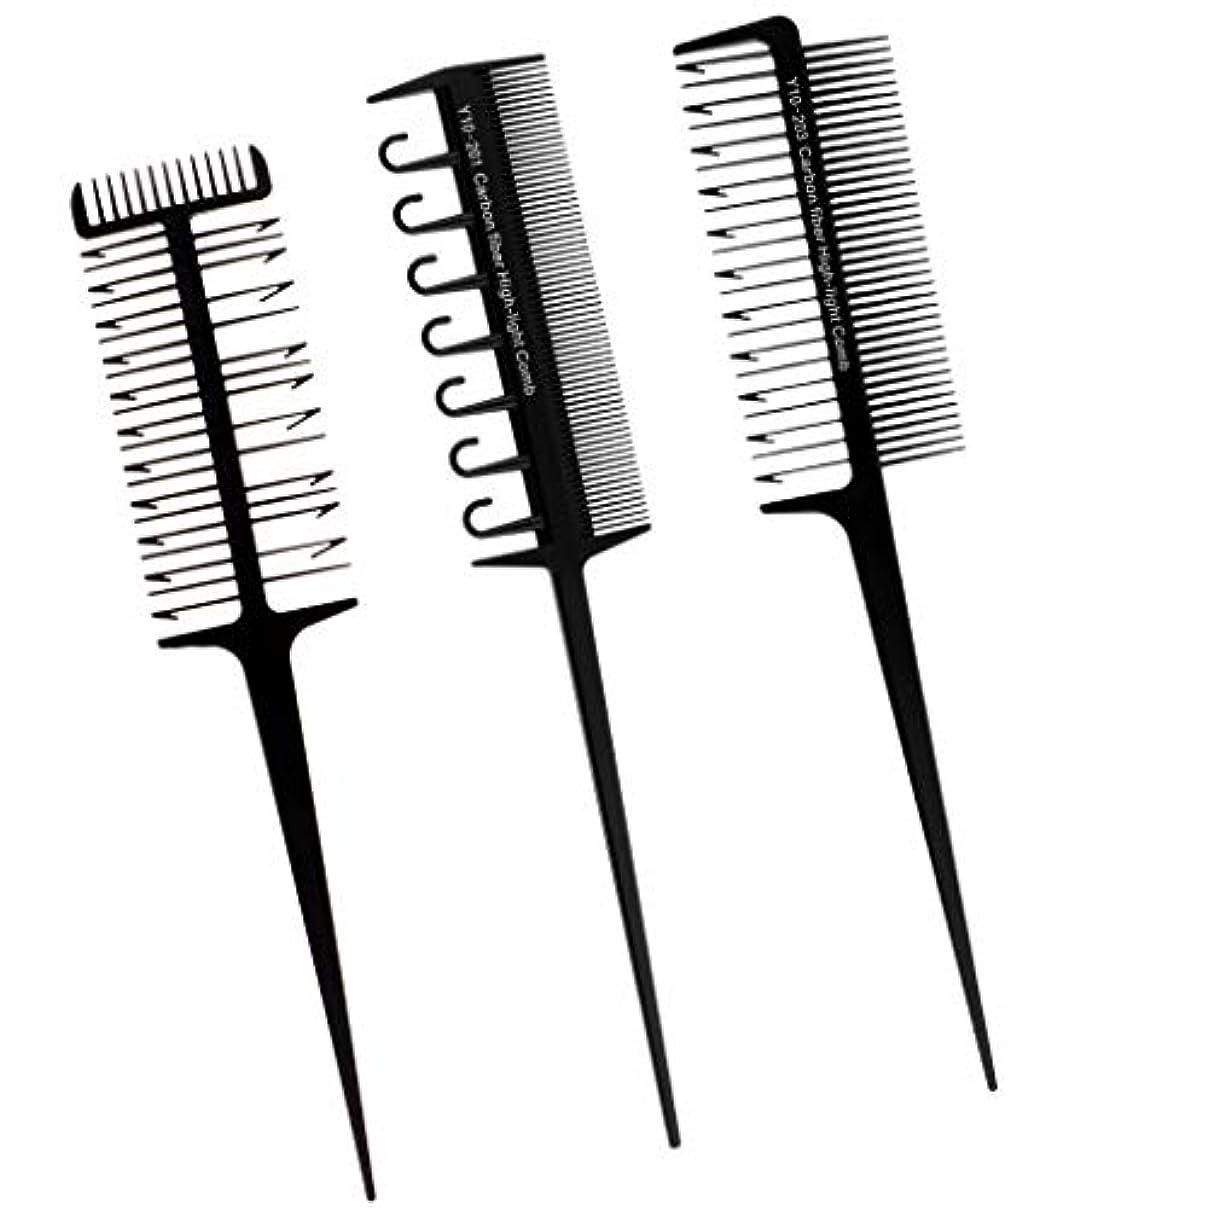 オプション結婚式苦痛ヘアダイブラシ プロ用 へアカラーセット DIY髪染め用 サロン 美髪師用 ヘアカラーの用具 3本入